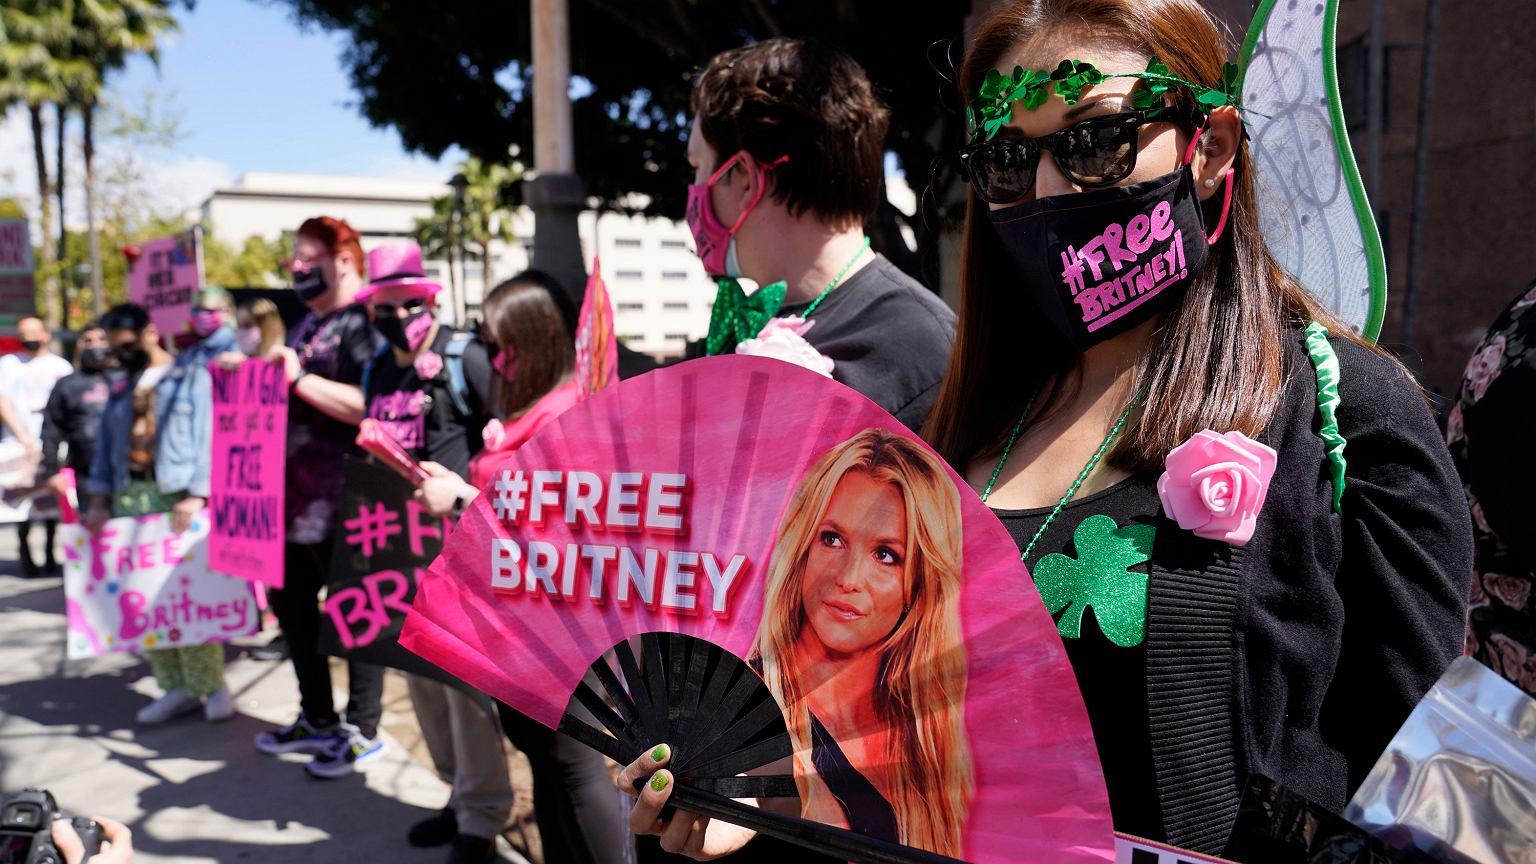 z27239135IER,Britney-Spears.jpg